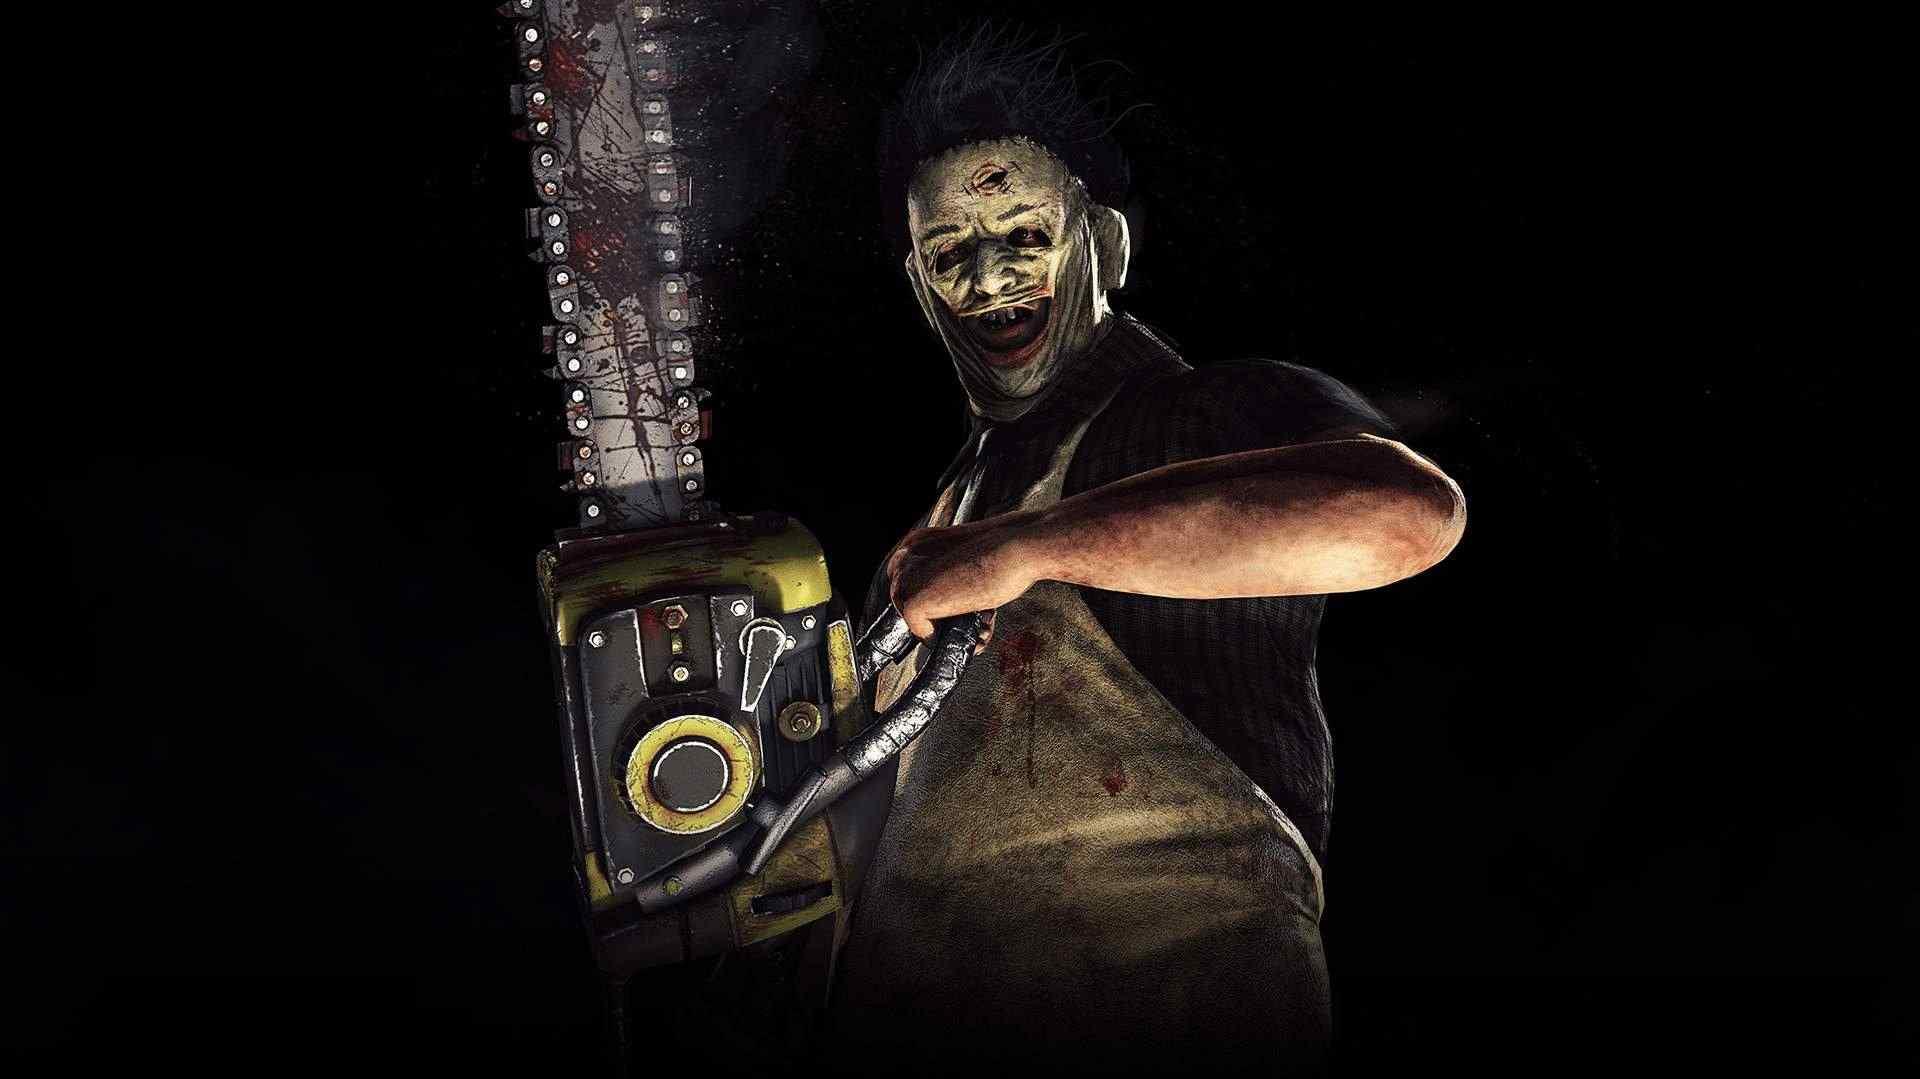 Ilustração de Mortal Kombat X mostrando o personagem de filmes de terror Leatherface, de Massacre da Serra Elétrica